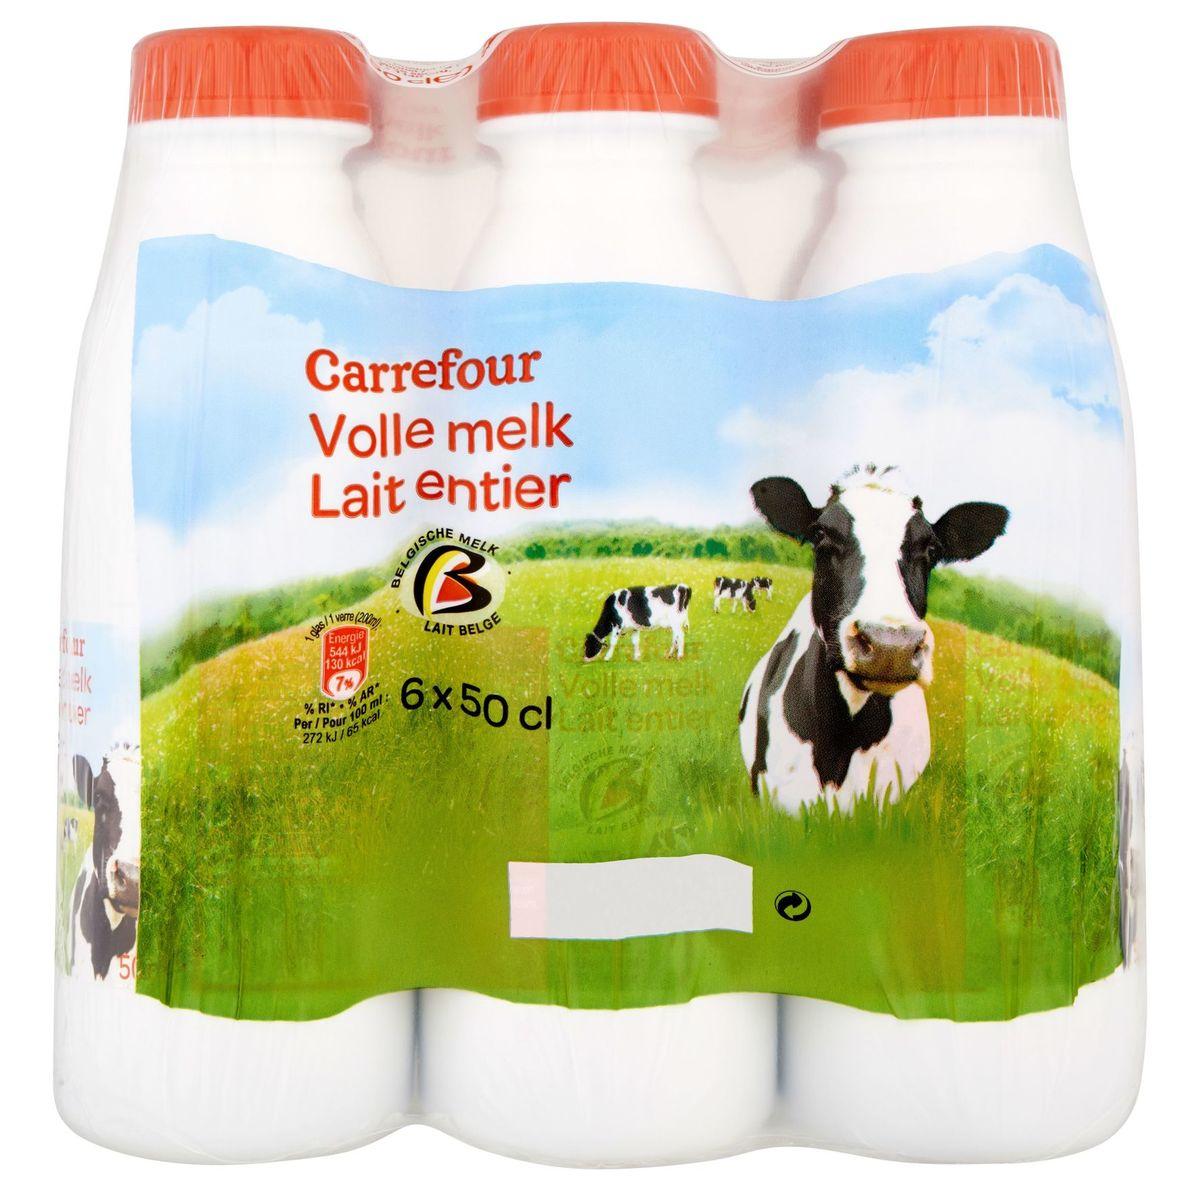 Carrefour Lait Entier 6 x 50 cl